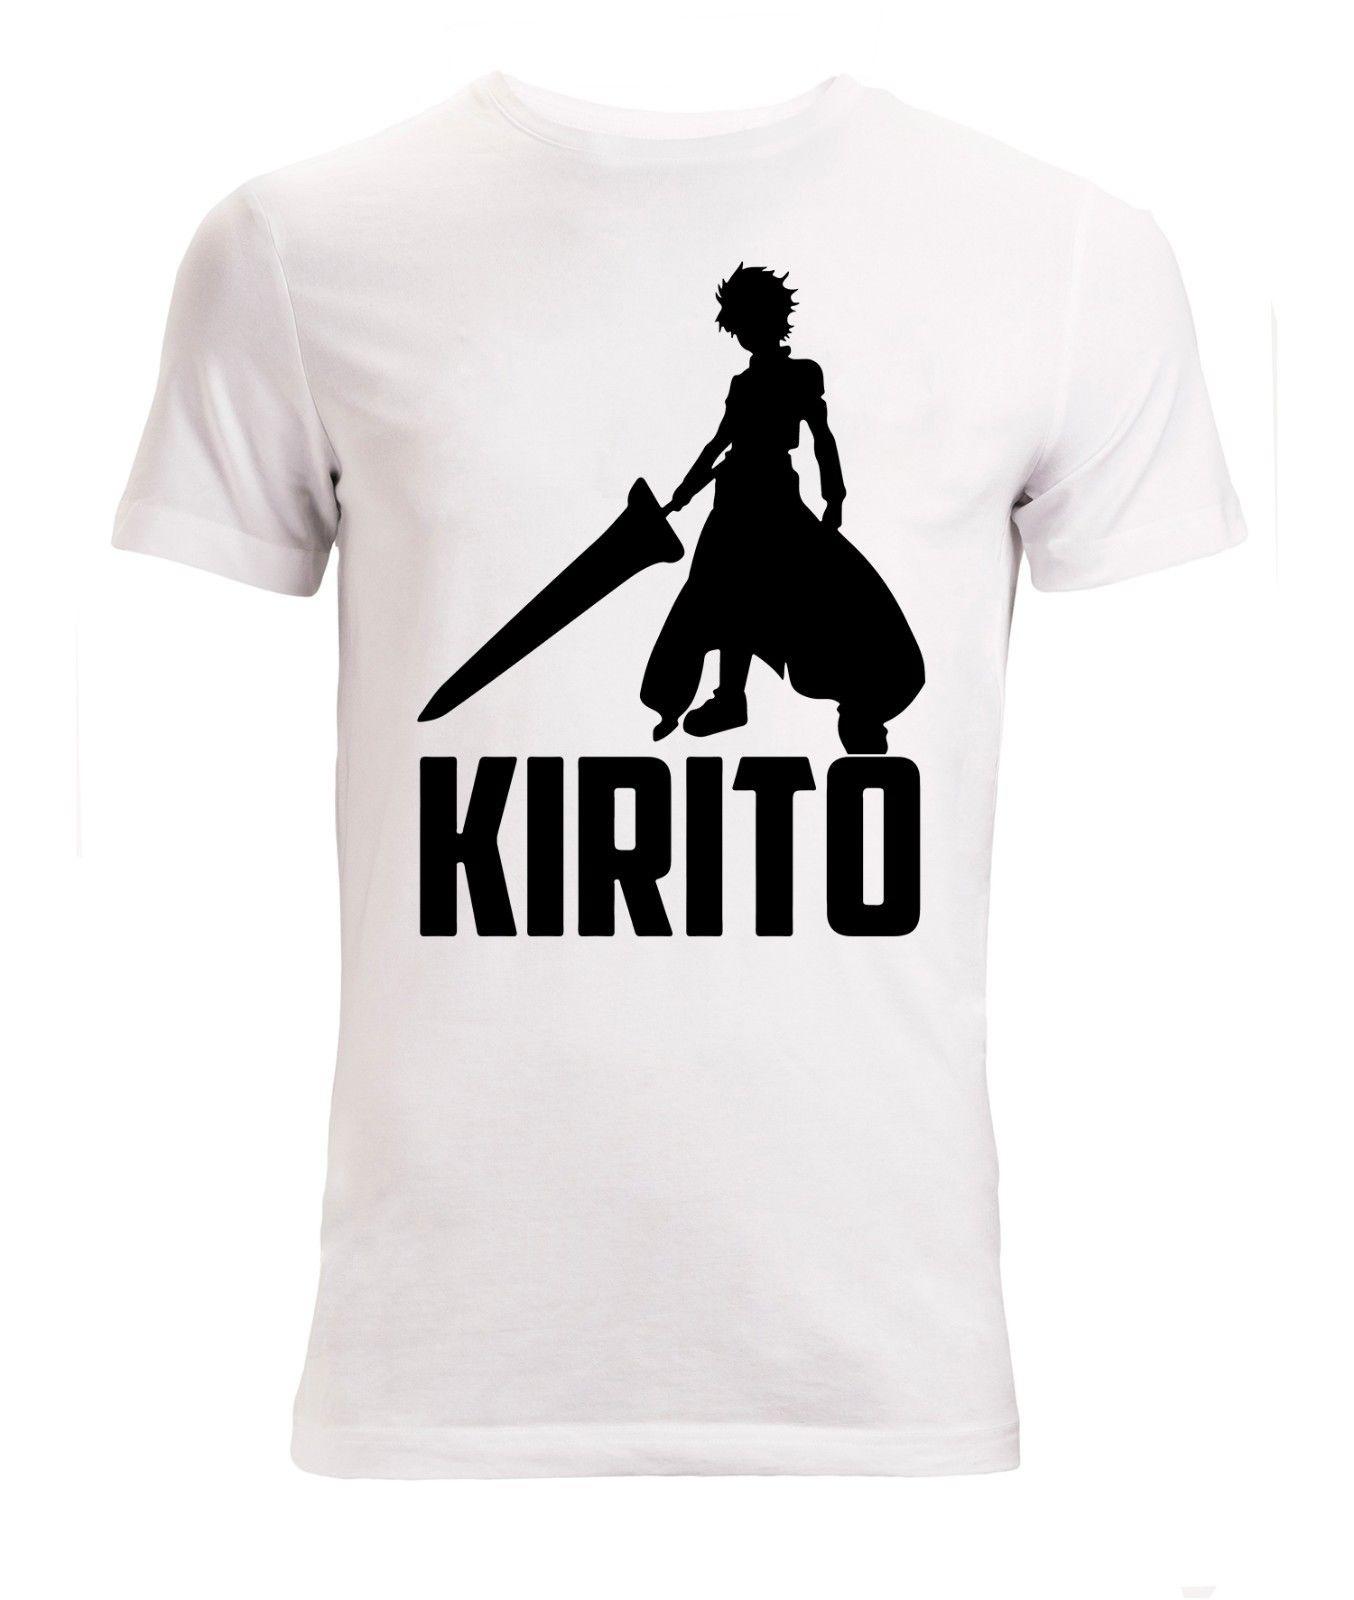 Sword Art Online Kirito Anime Manga Men's   T Shirt White Top 2018 New Arrival T-Shirt Short Sleeve Summer Style